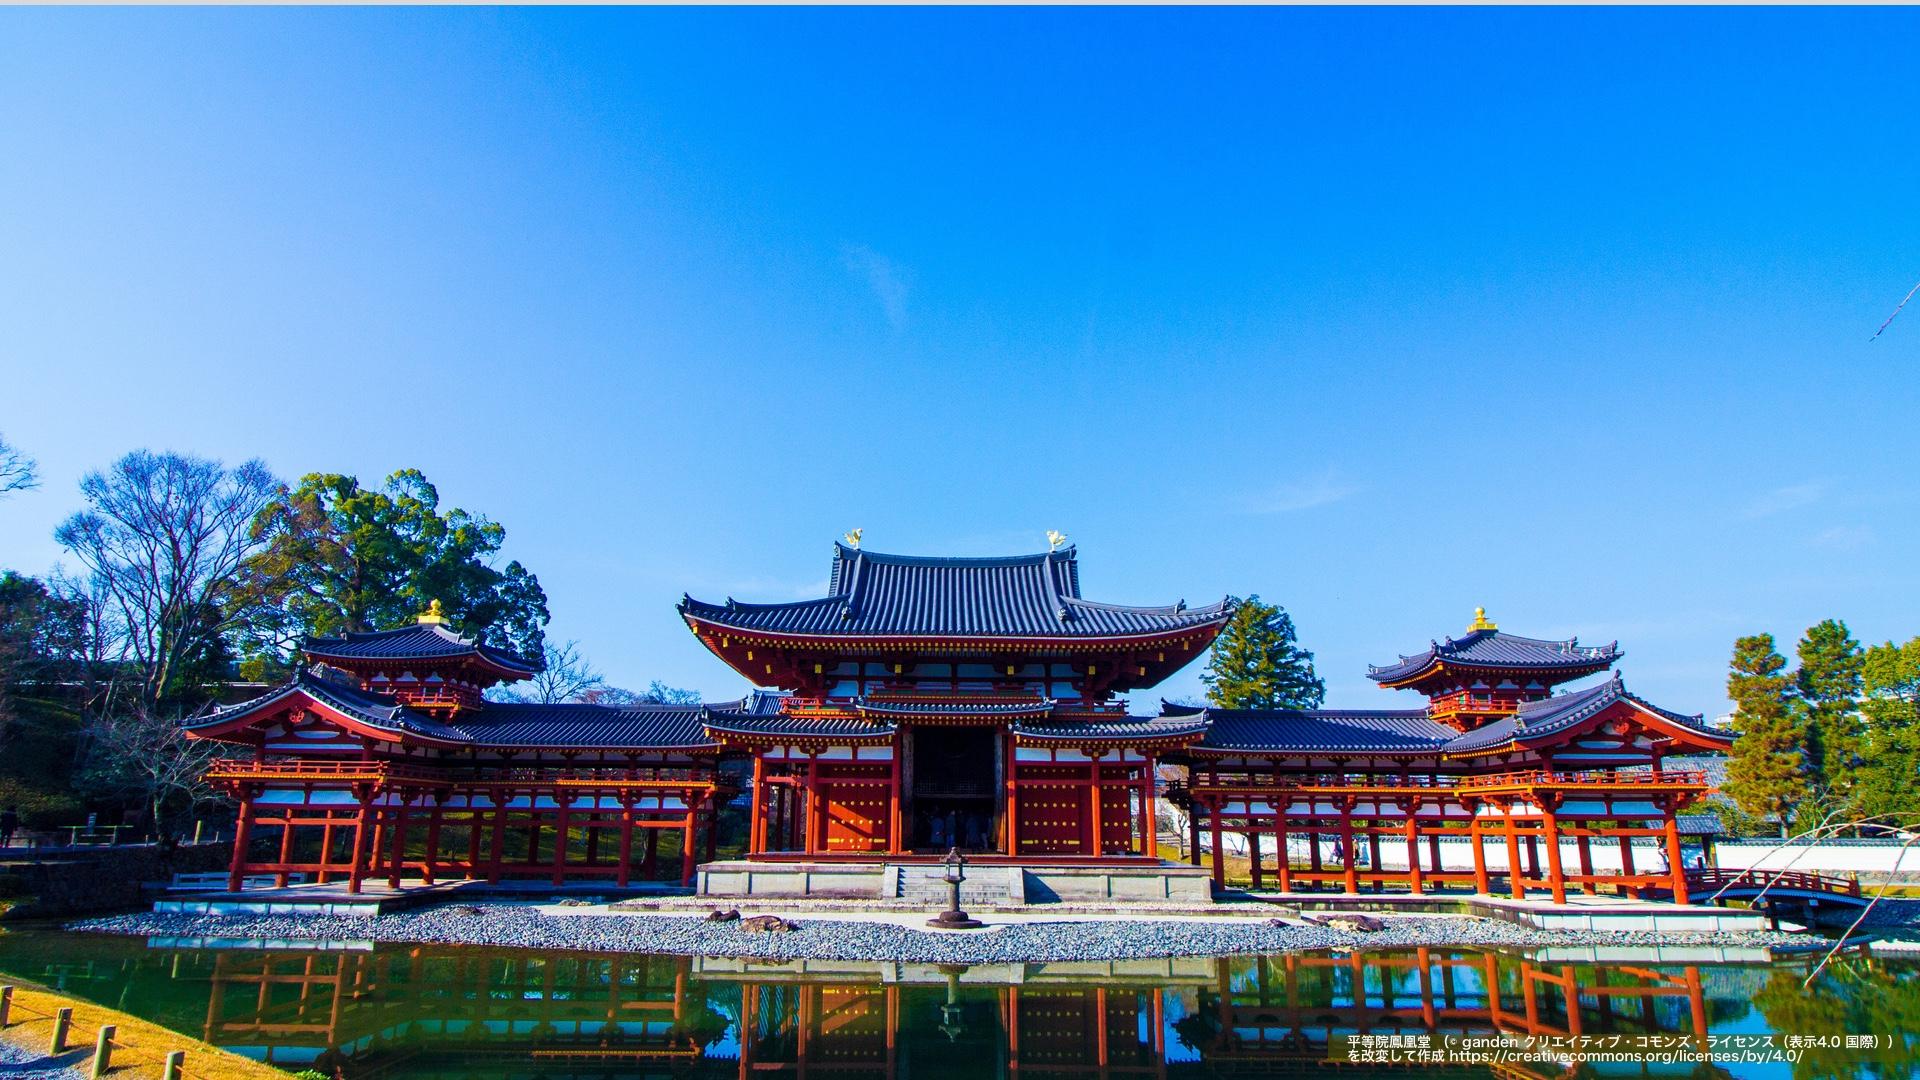 平等院鳳凰堂(京都府)